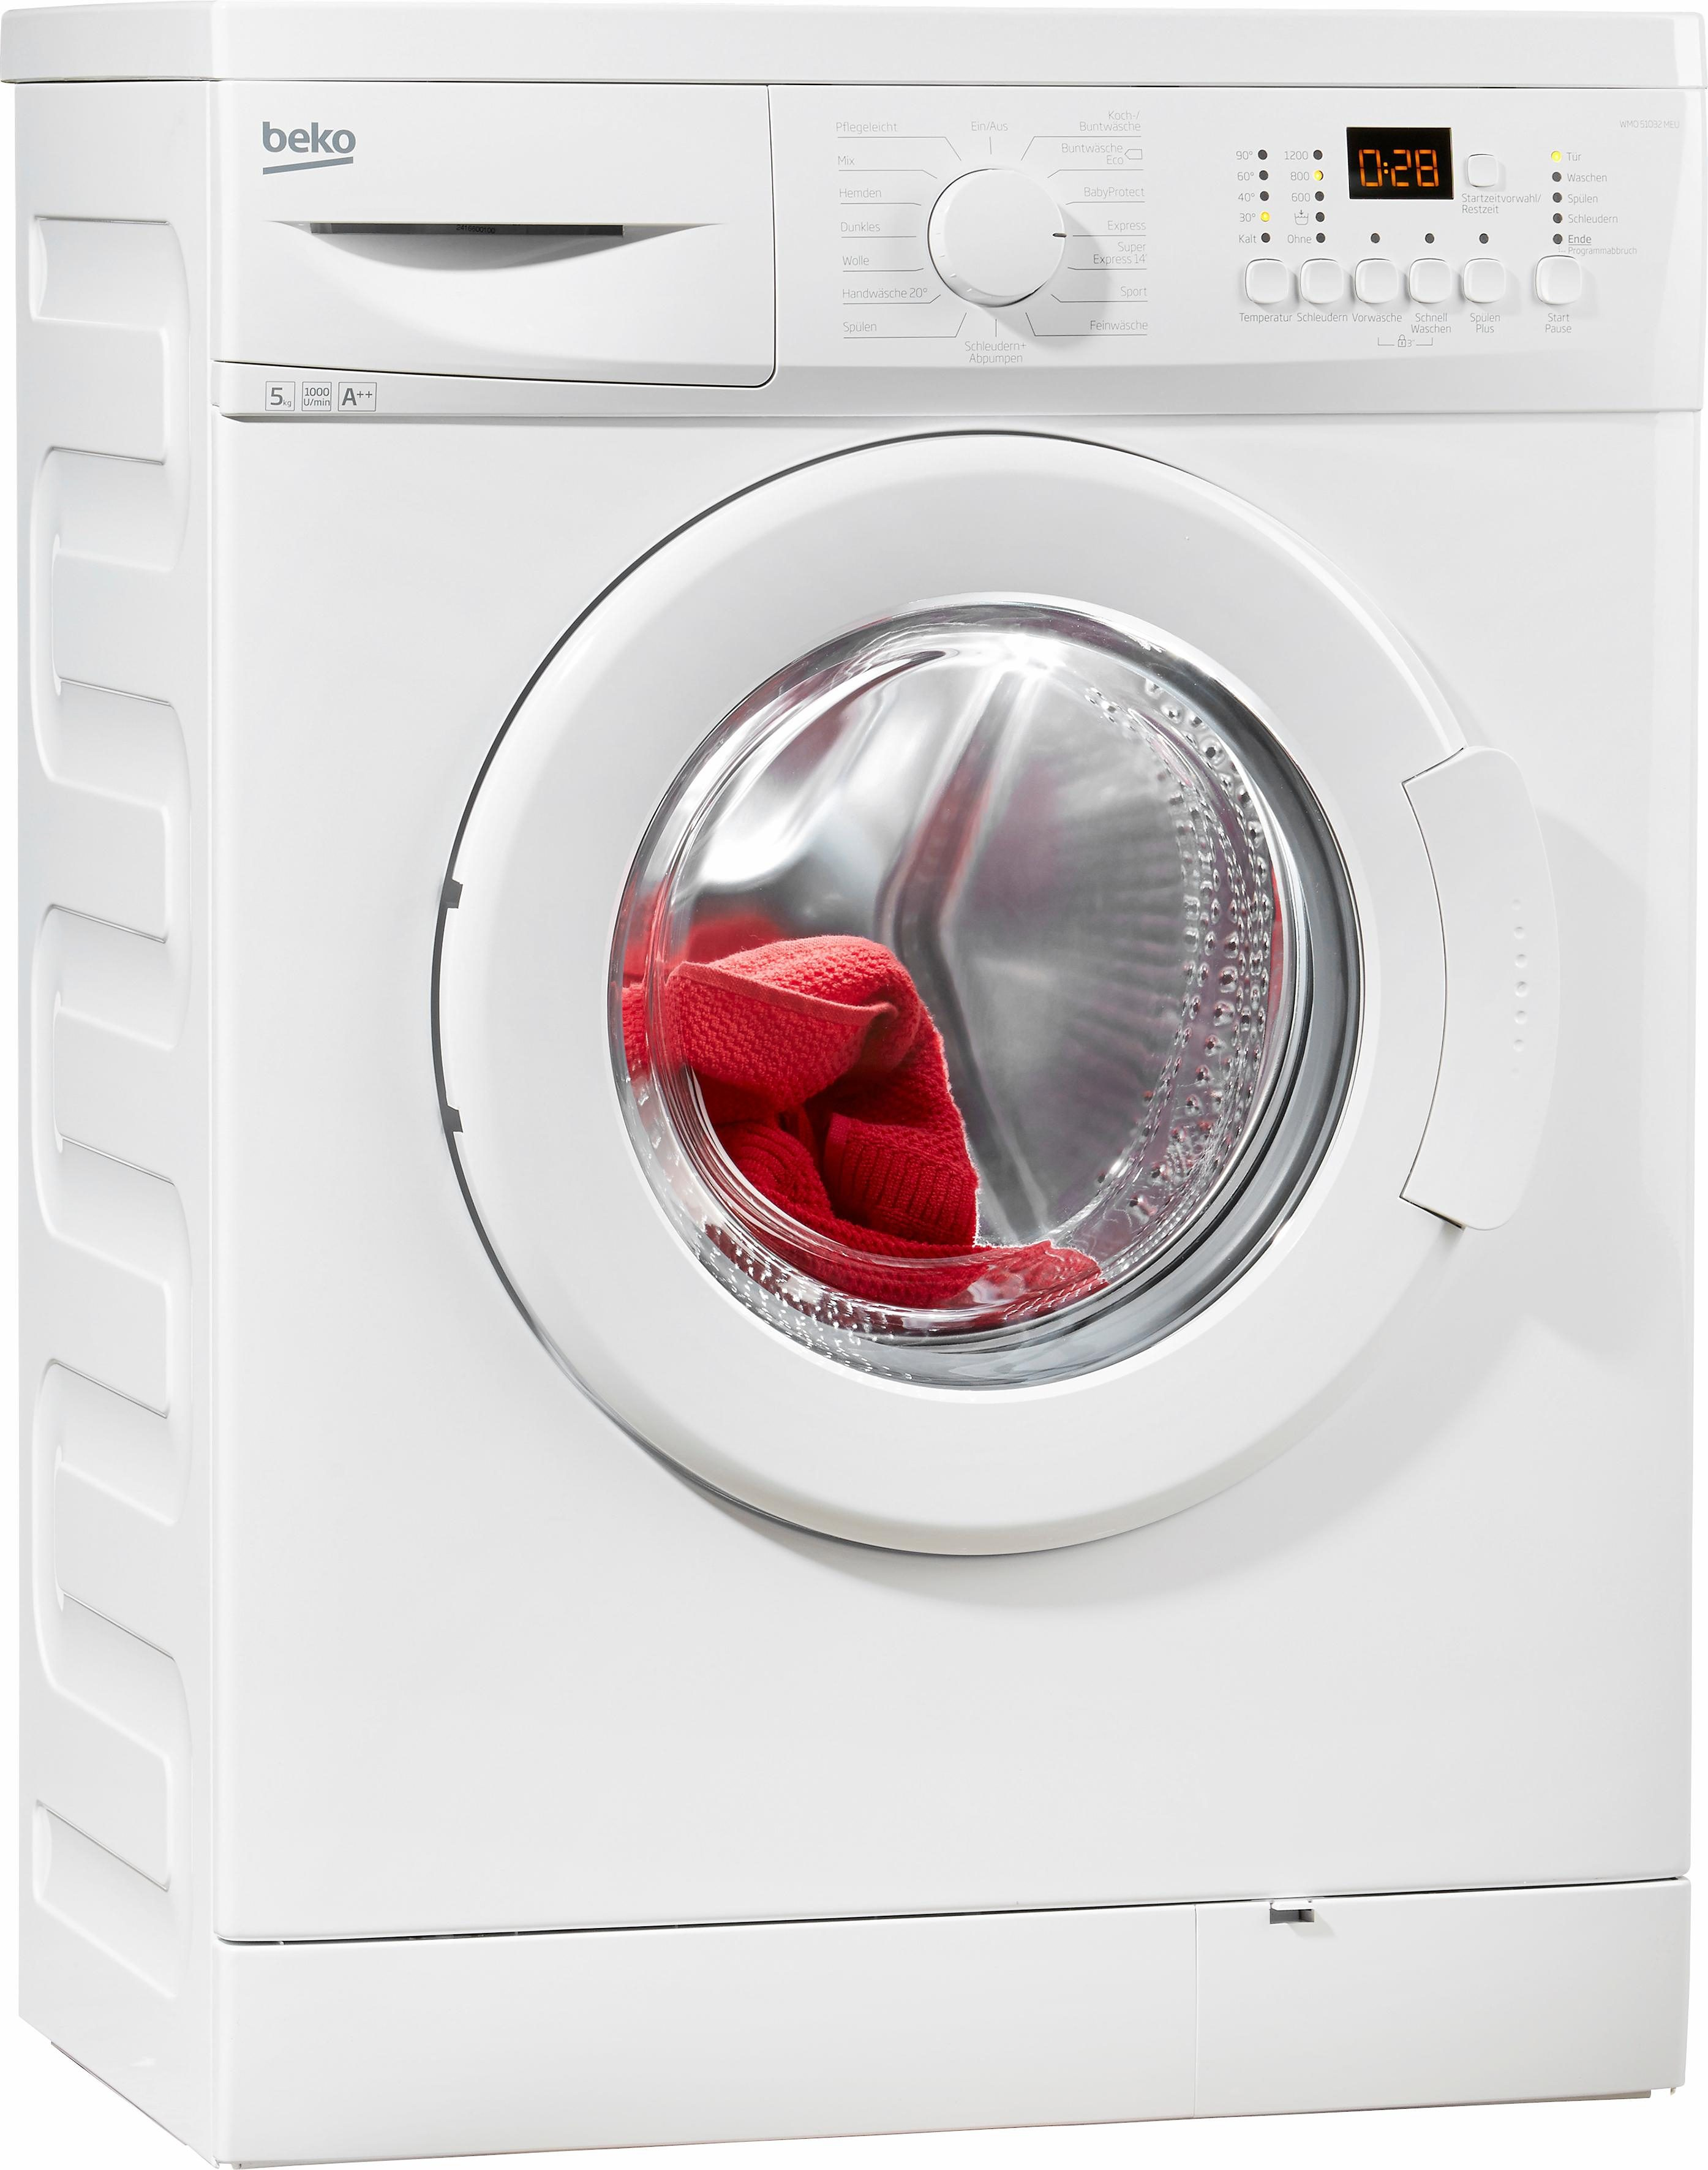 BEKO Waschmaschine WMO 51032, A++, 5 kg, 1000 U/Min